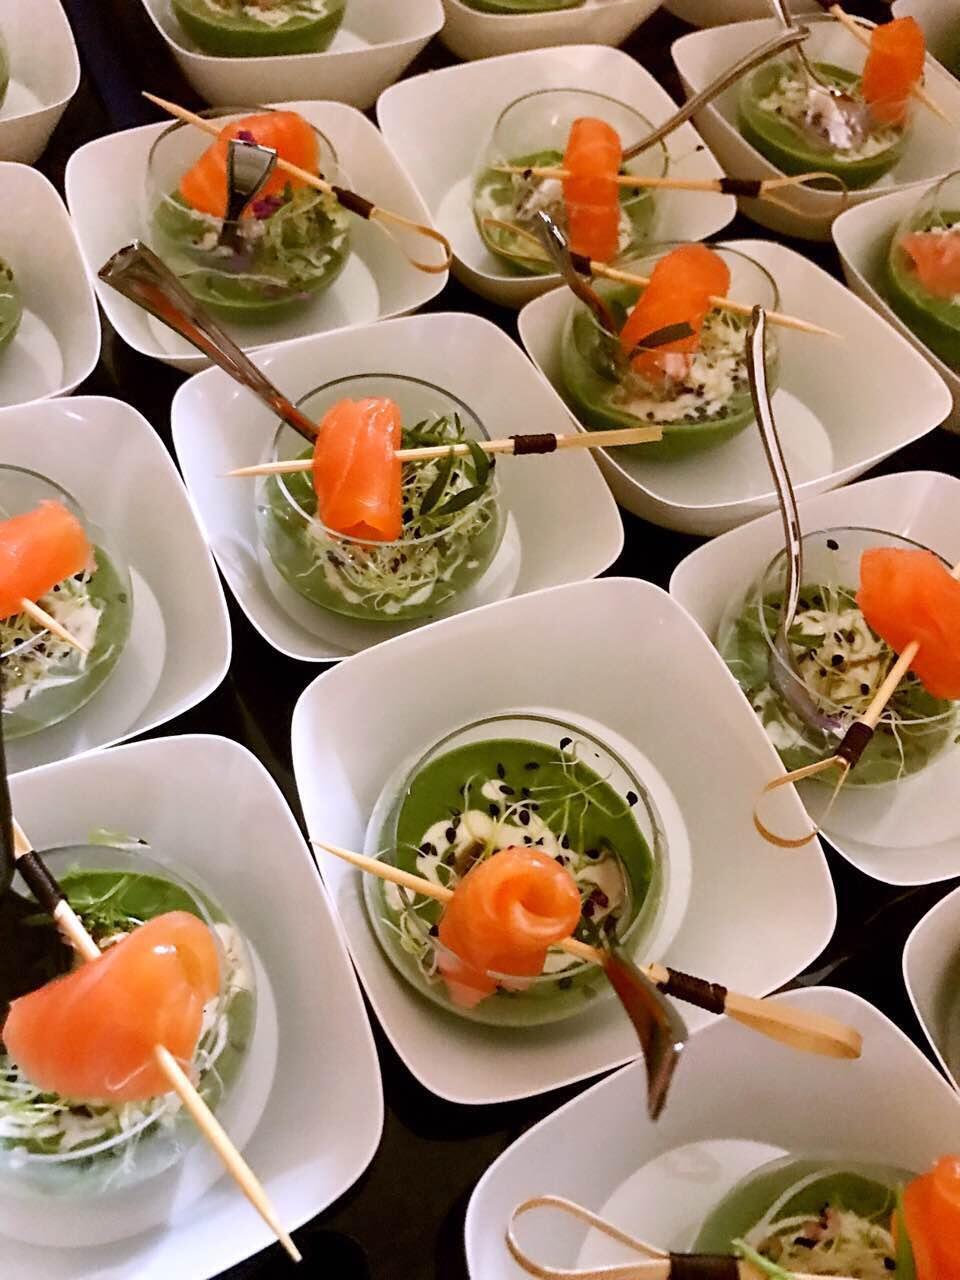 2017年3月21日第三屆美味法蘭西活動登上了凱旋門頂